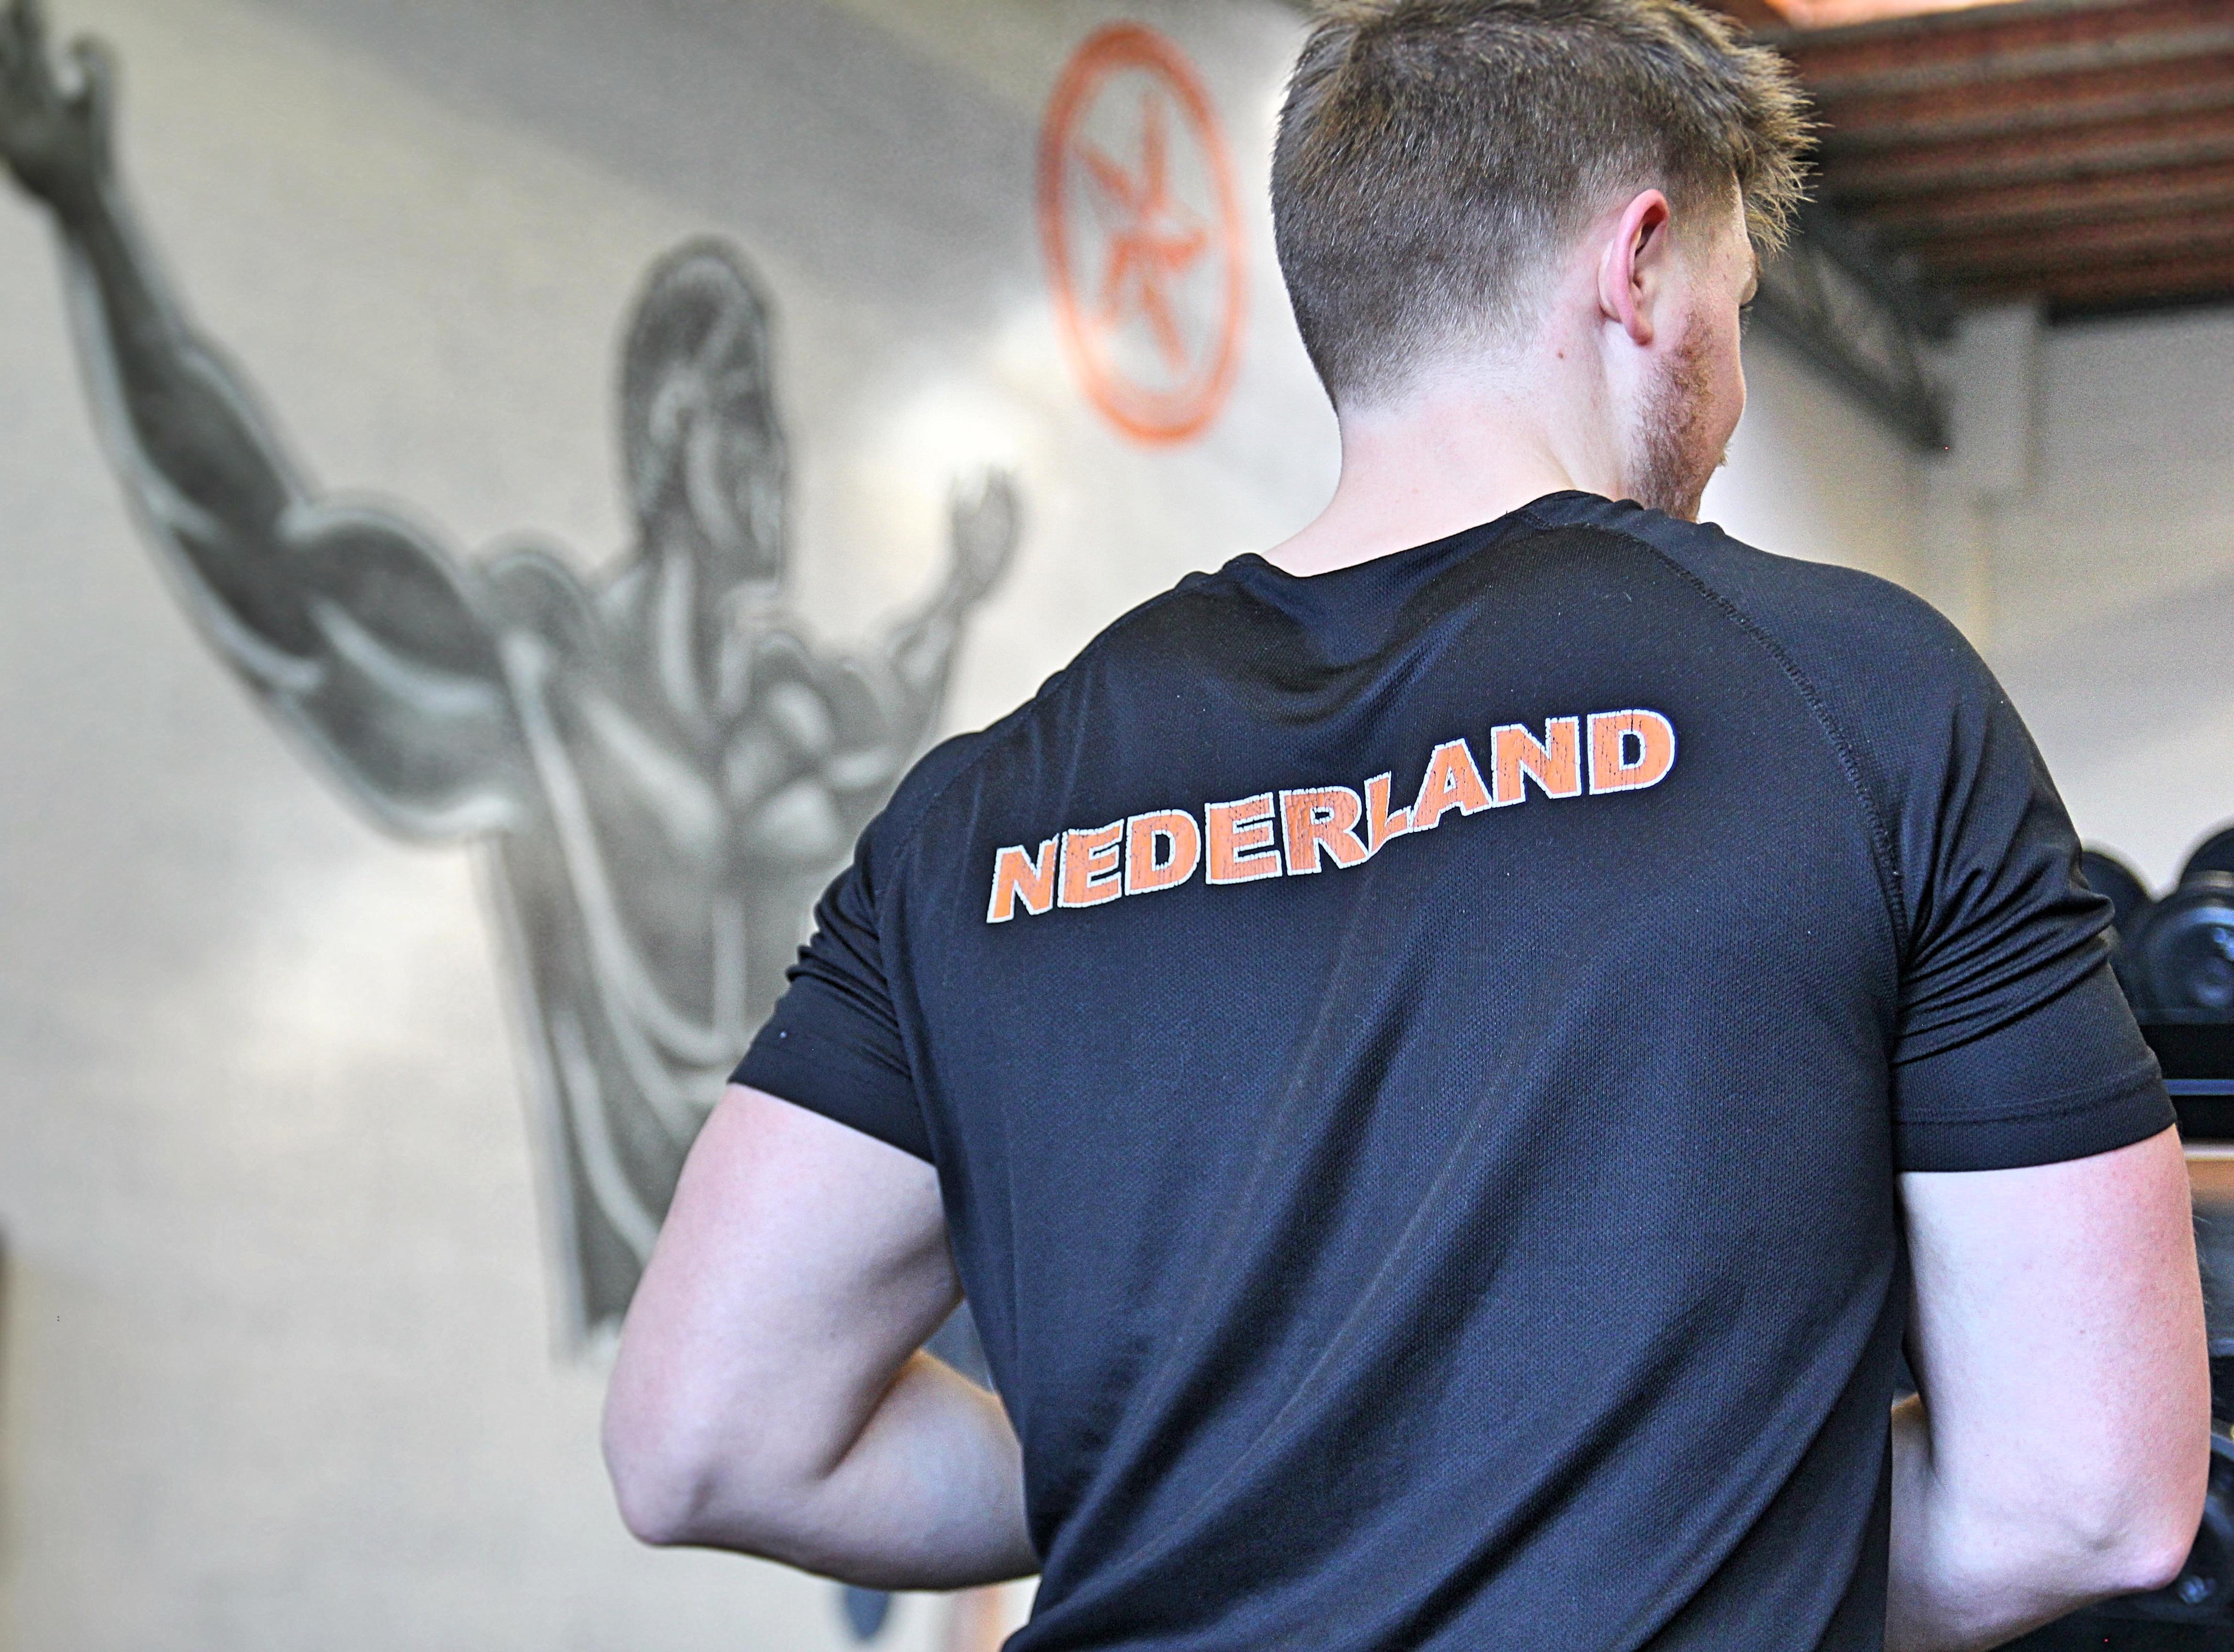 Sander Nederland